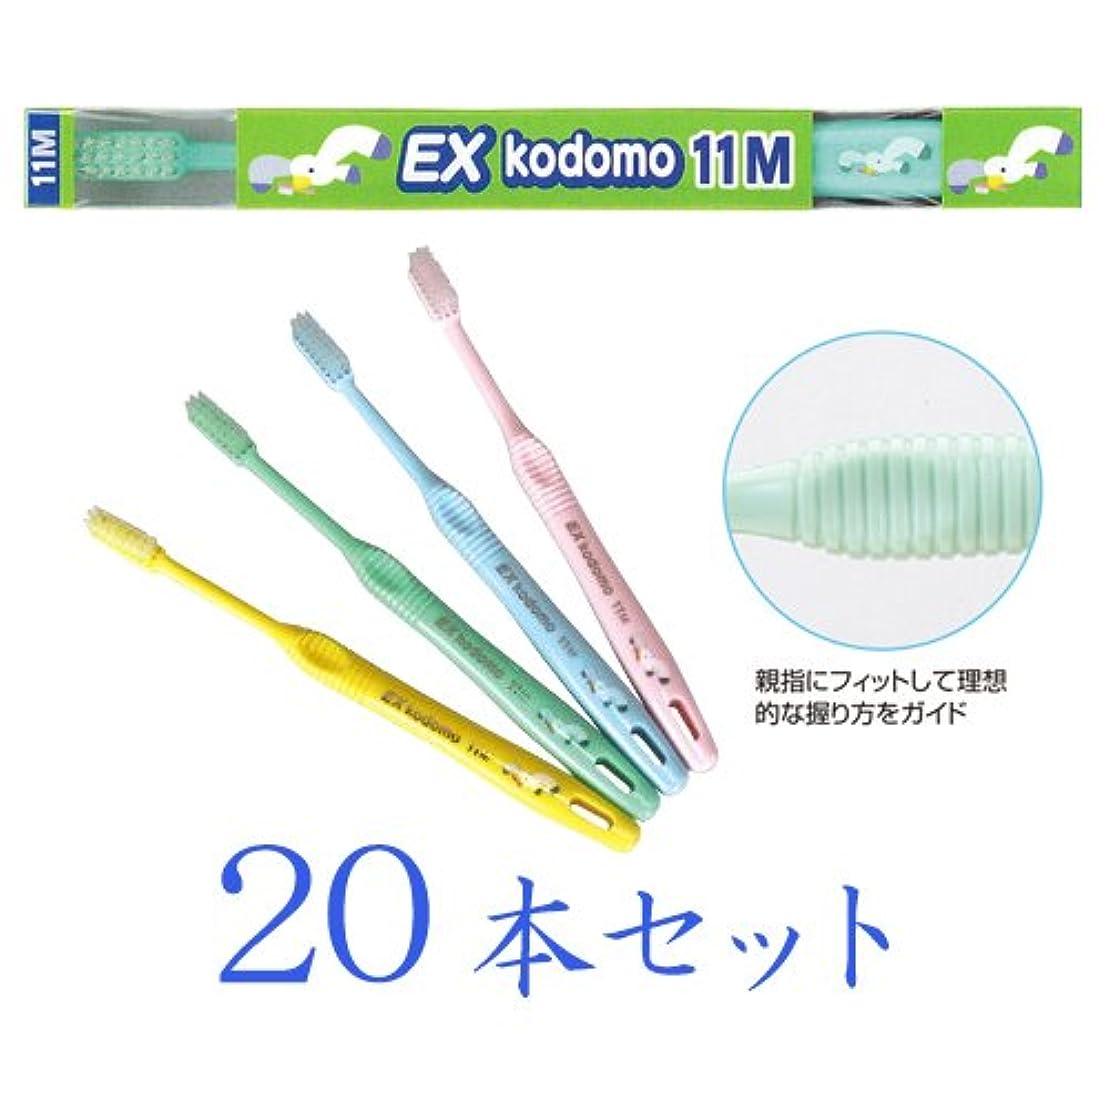 記憶滝神経衰弱ライオン DENT.EX コドモ歯ブラシ 20本入 11M(混合歯列後期用?8~12歳)(カモメ)